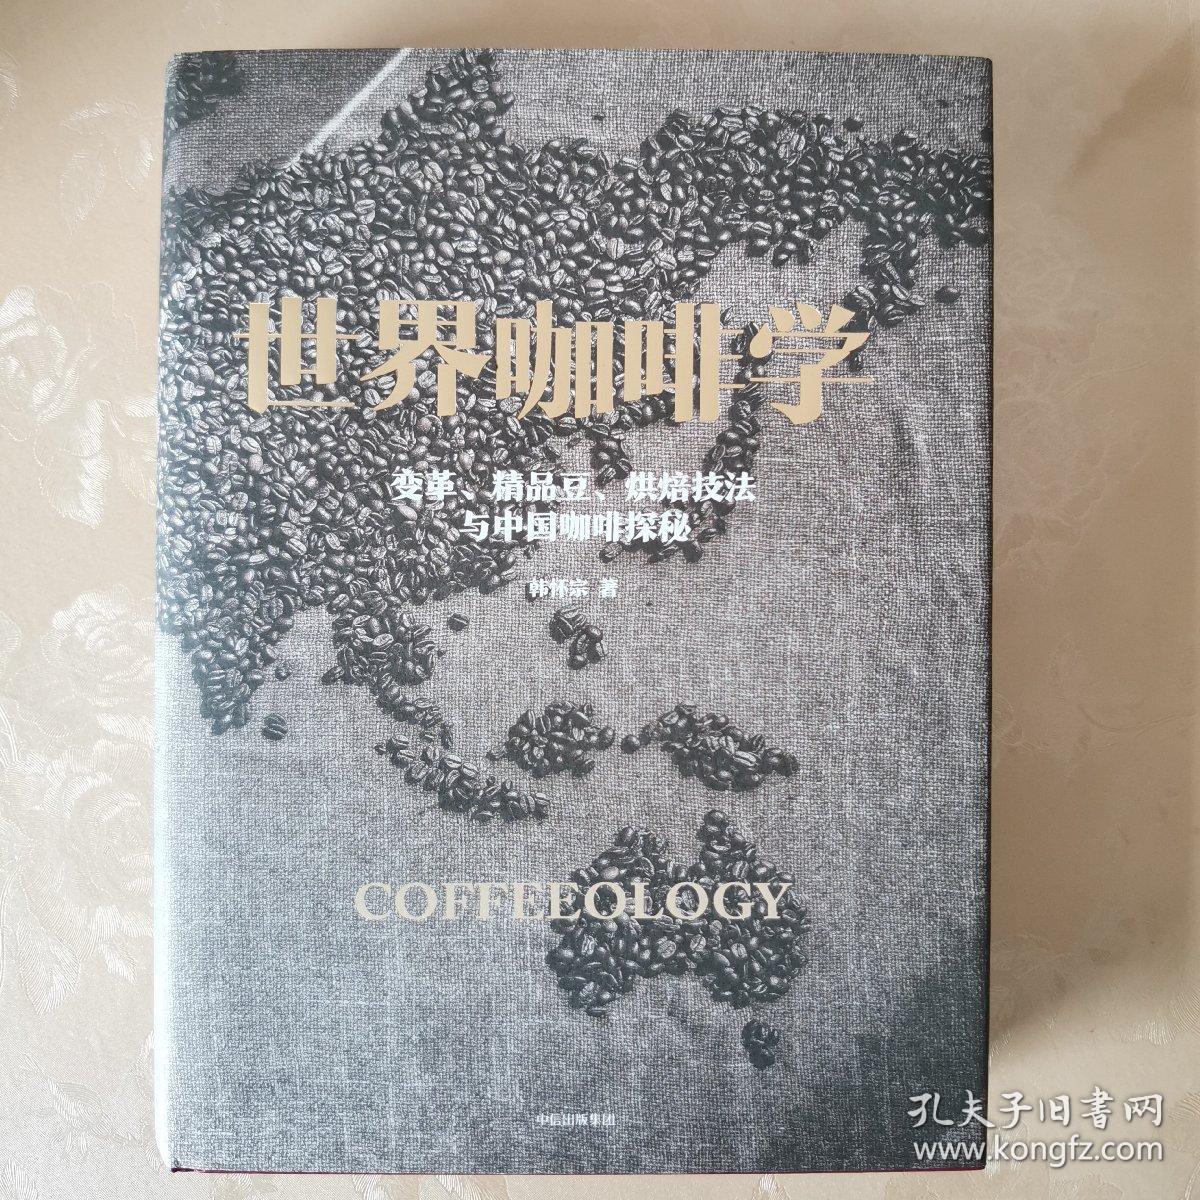 世界咖啡学:变革、精品豆、烘焙技法与中国咖啡探秘